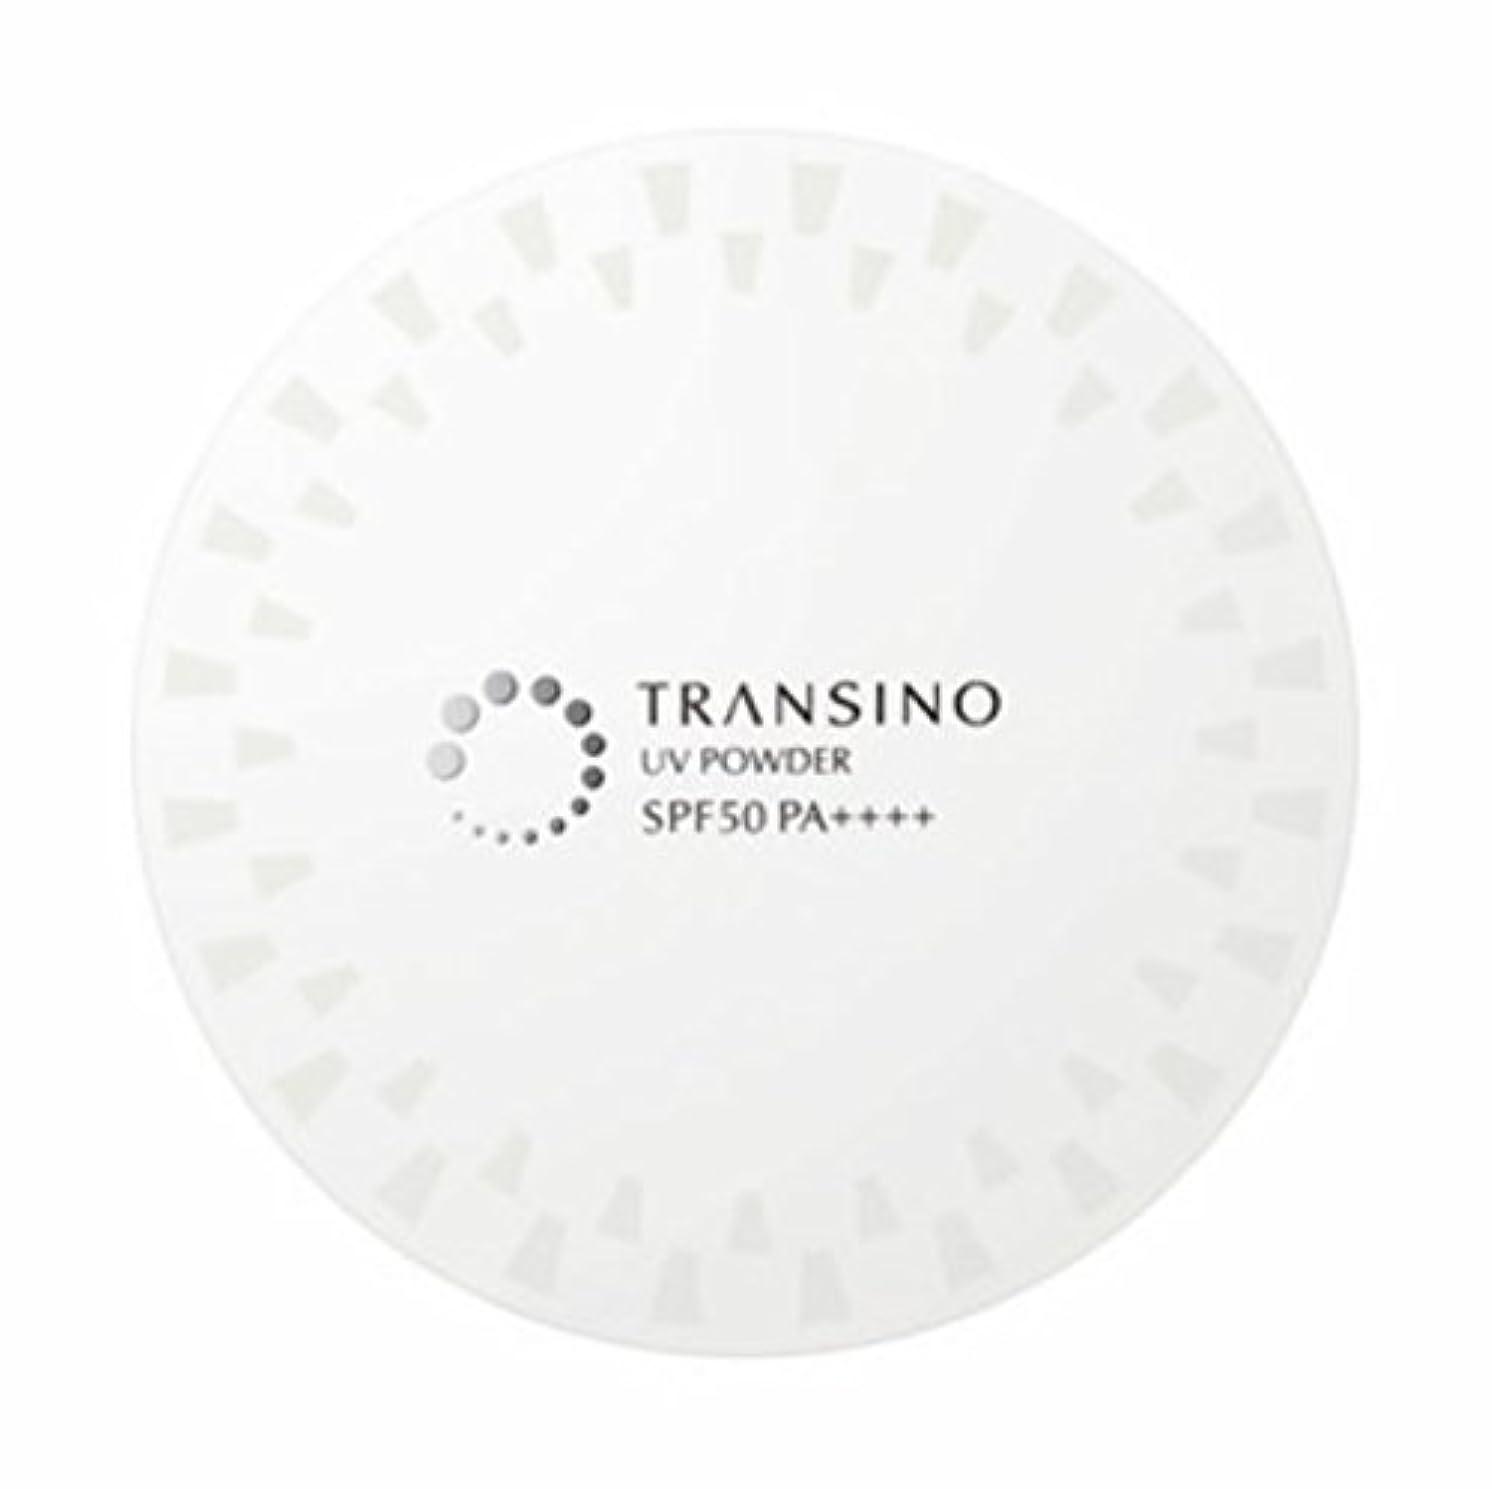 困惑する暗殺調停するトランシーノ 薬用UVパウダー 12g SPF50?PA++++ [並行輸入品]